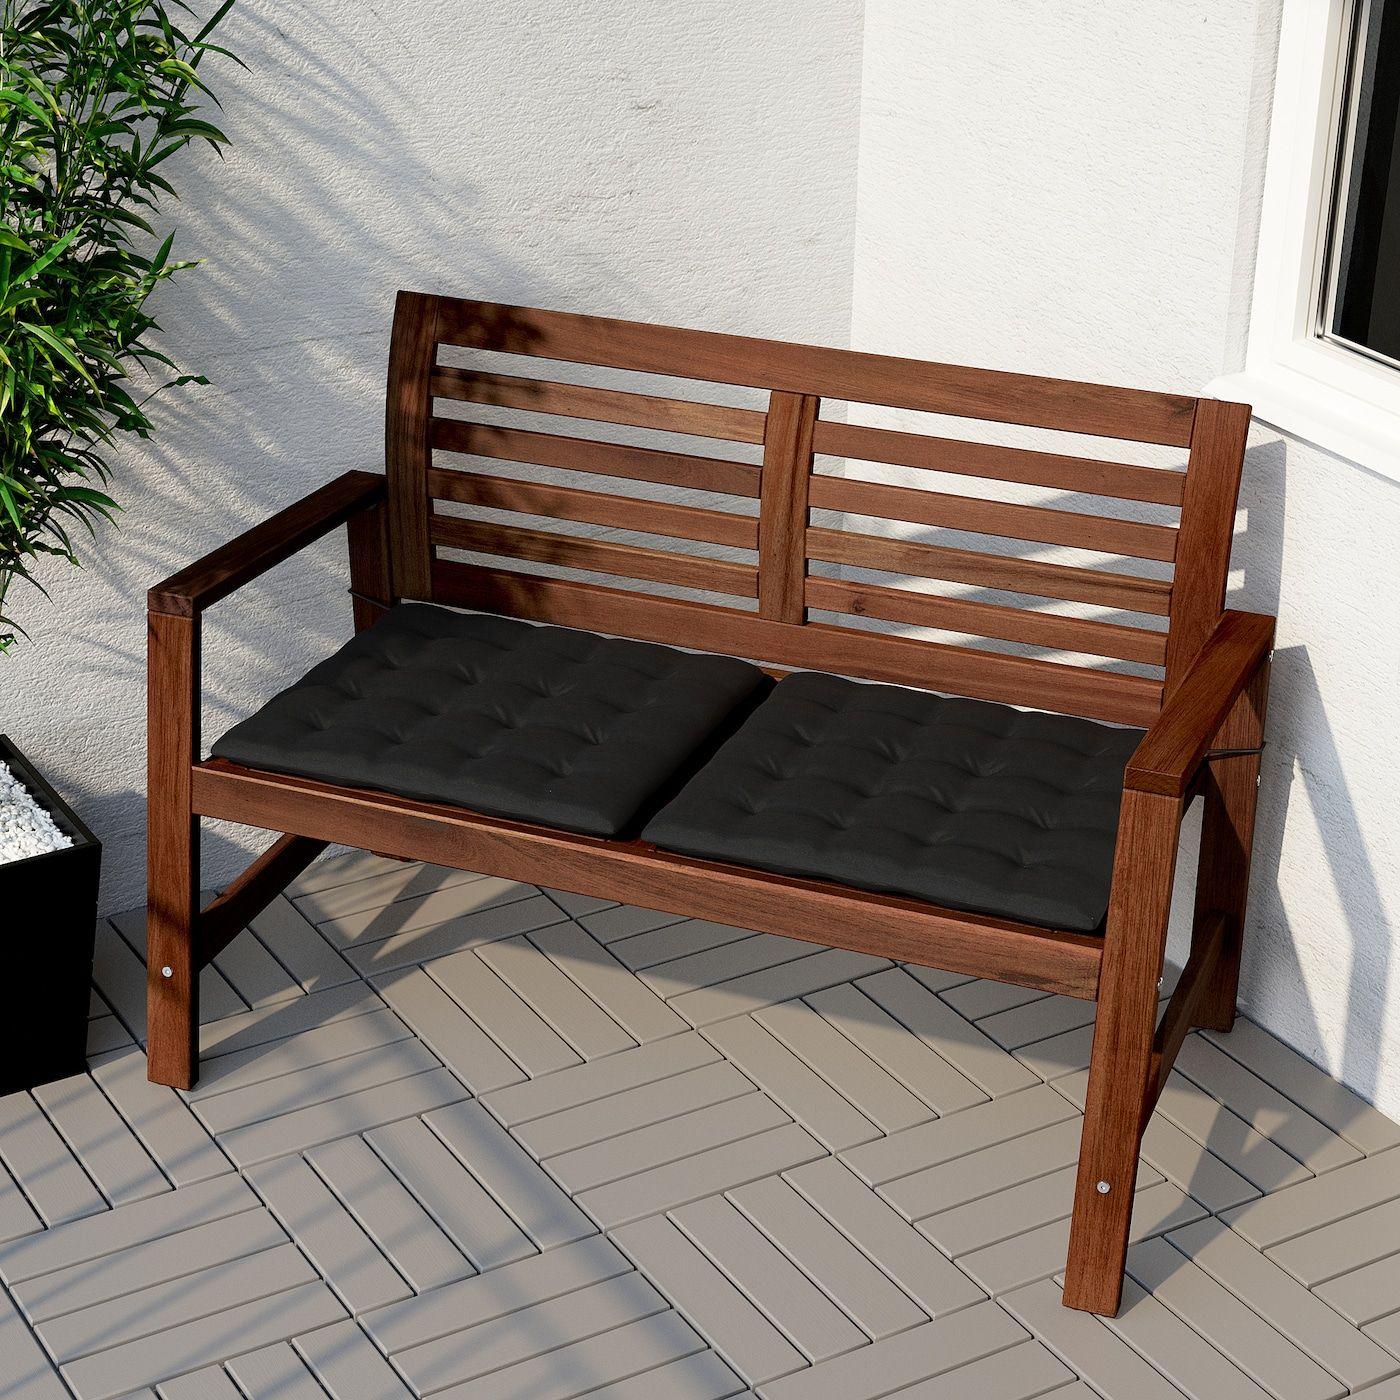 Full Size of Gartenliege Ikea Pplar Bank Mit Rckenlehne Auen Braun Las Betten 160x200 Modulküche Küche Kosten Kaufen Sofa Schlaffunktion Bei Miniküche Wohnzimmer Gartenliege Ikea